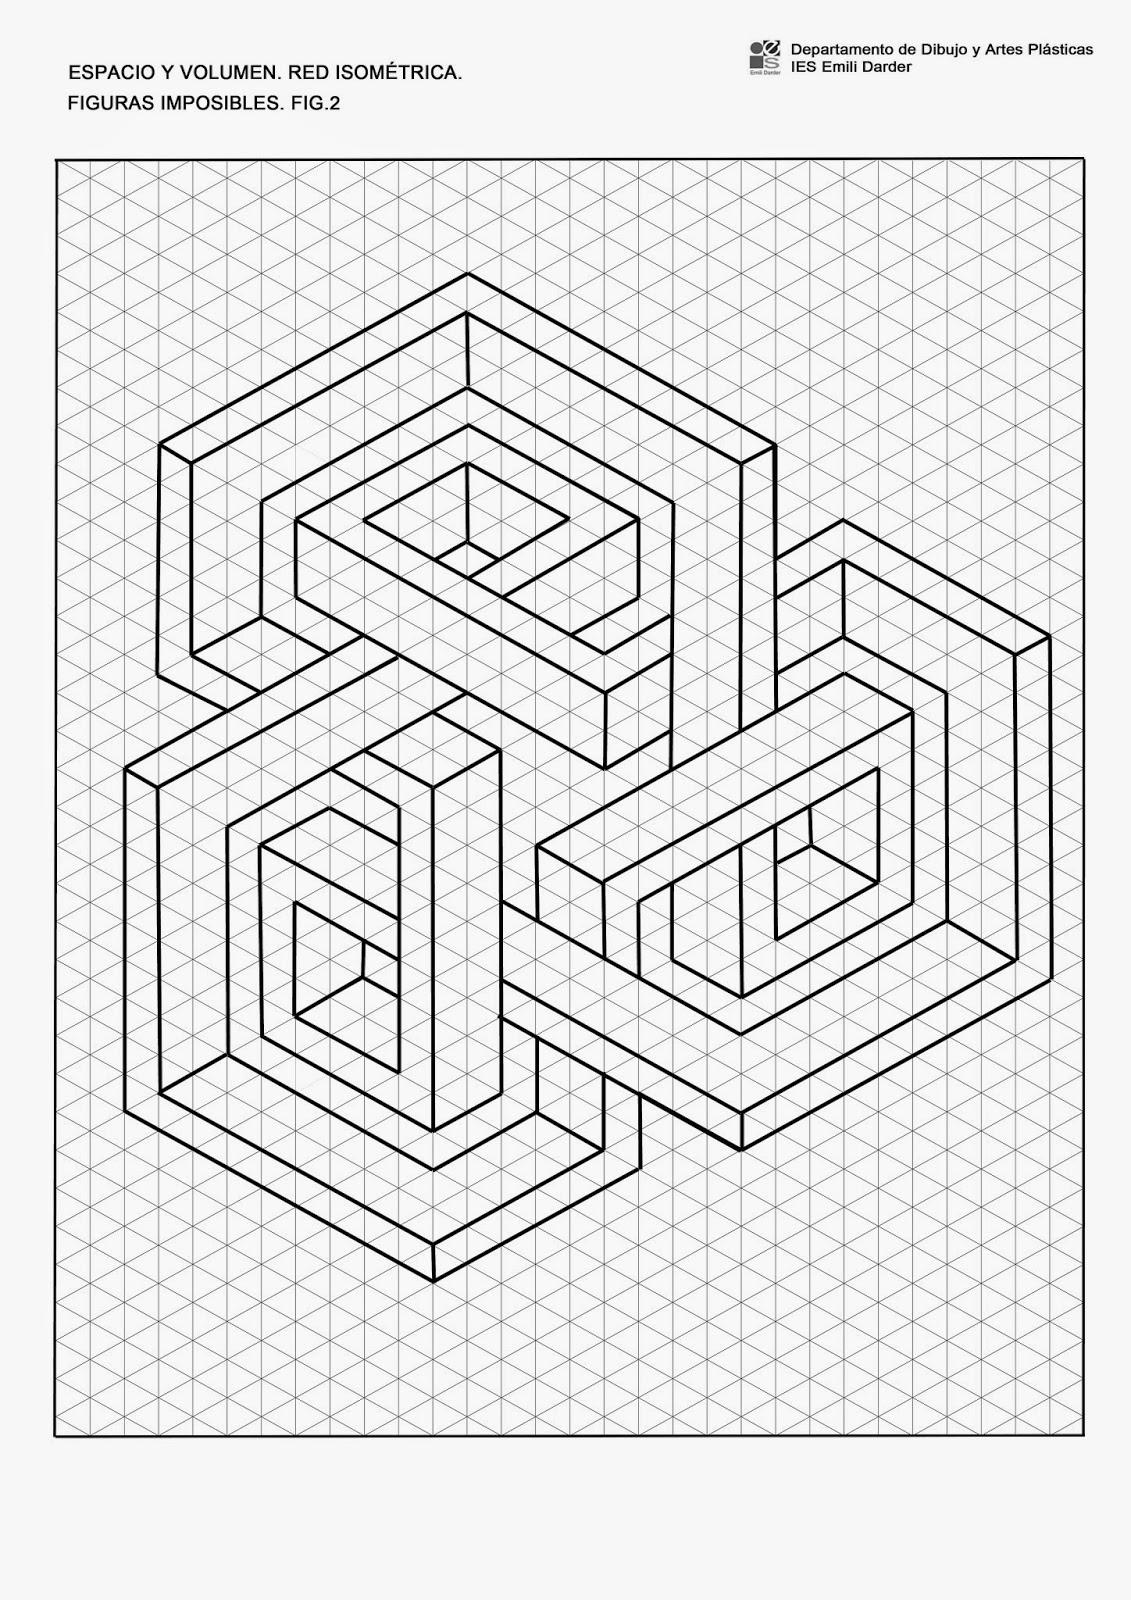 visual i pl u00e0stica 2n el castell  figures impossibles